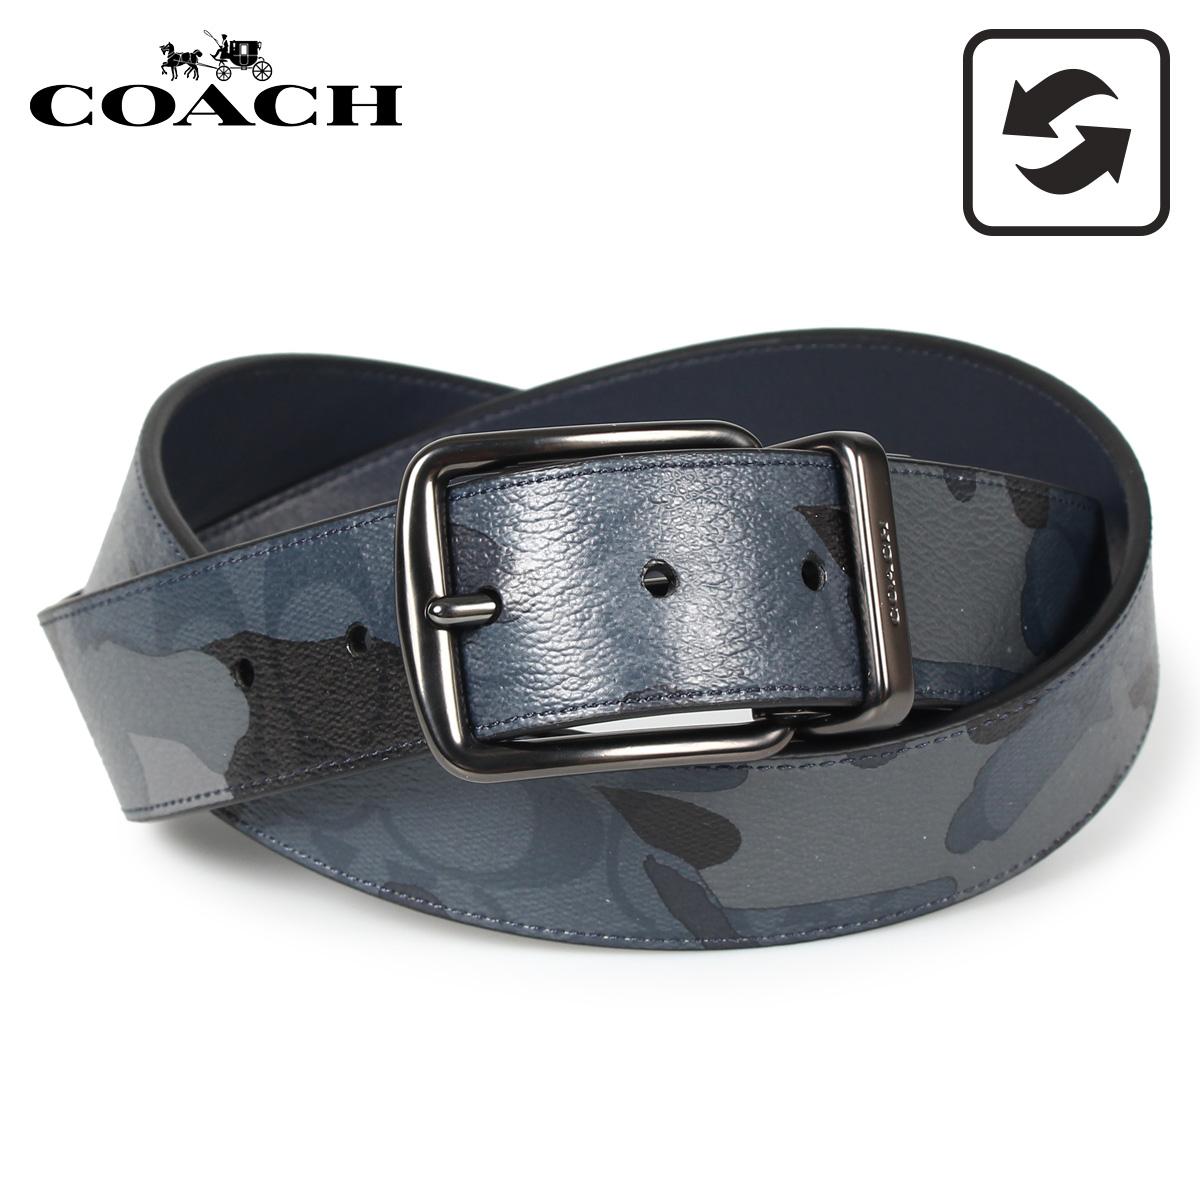 COACH コーチ ベルト レザーベルト メンズ リバーシブル カモ 迷彩 ブルー マルチ F76949-QBBLM